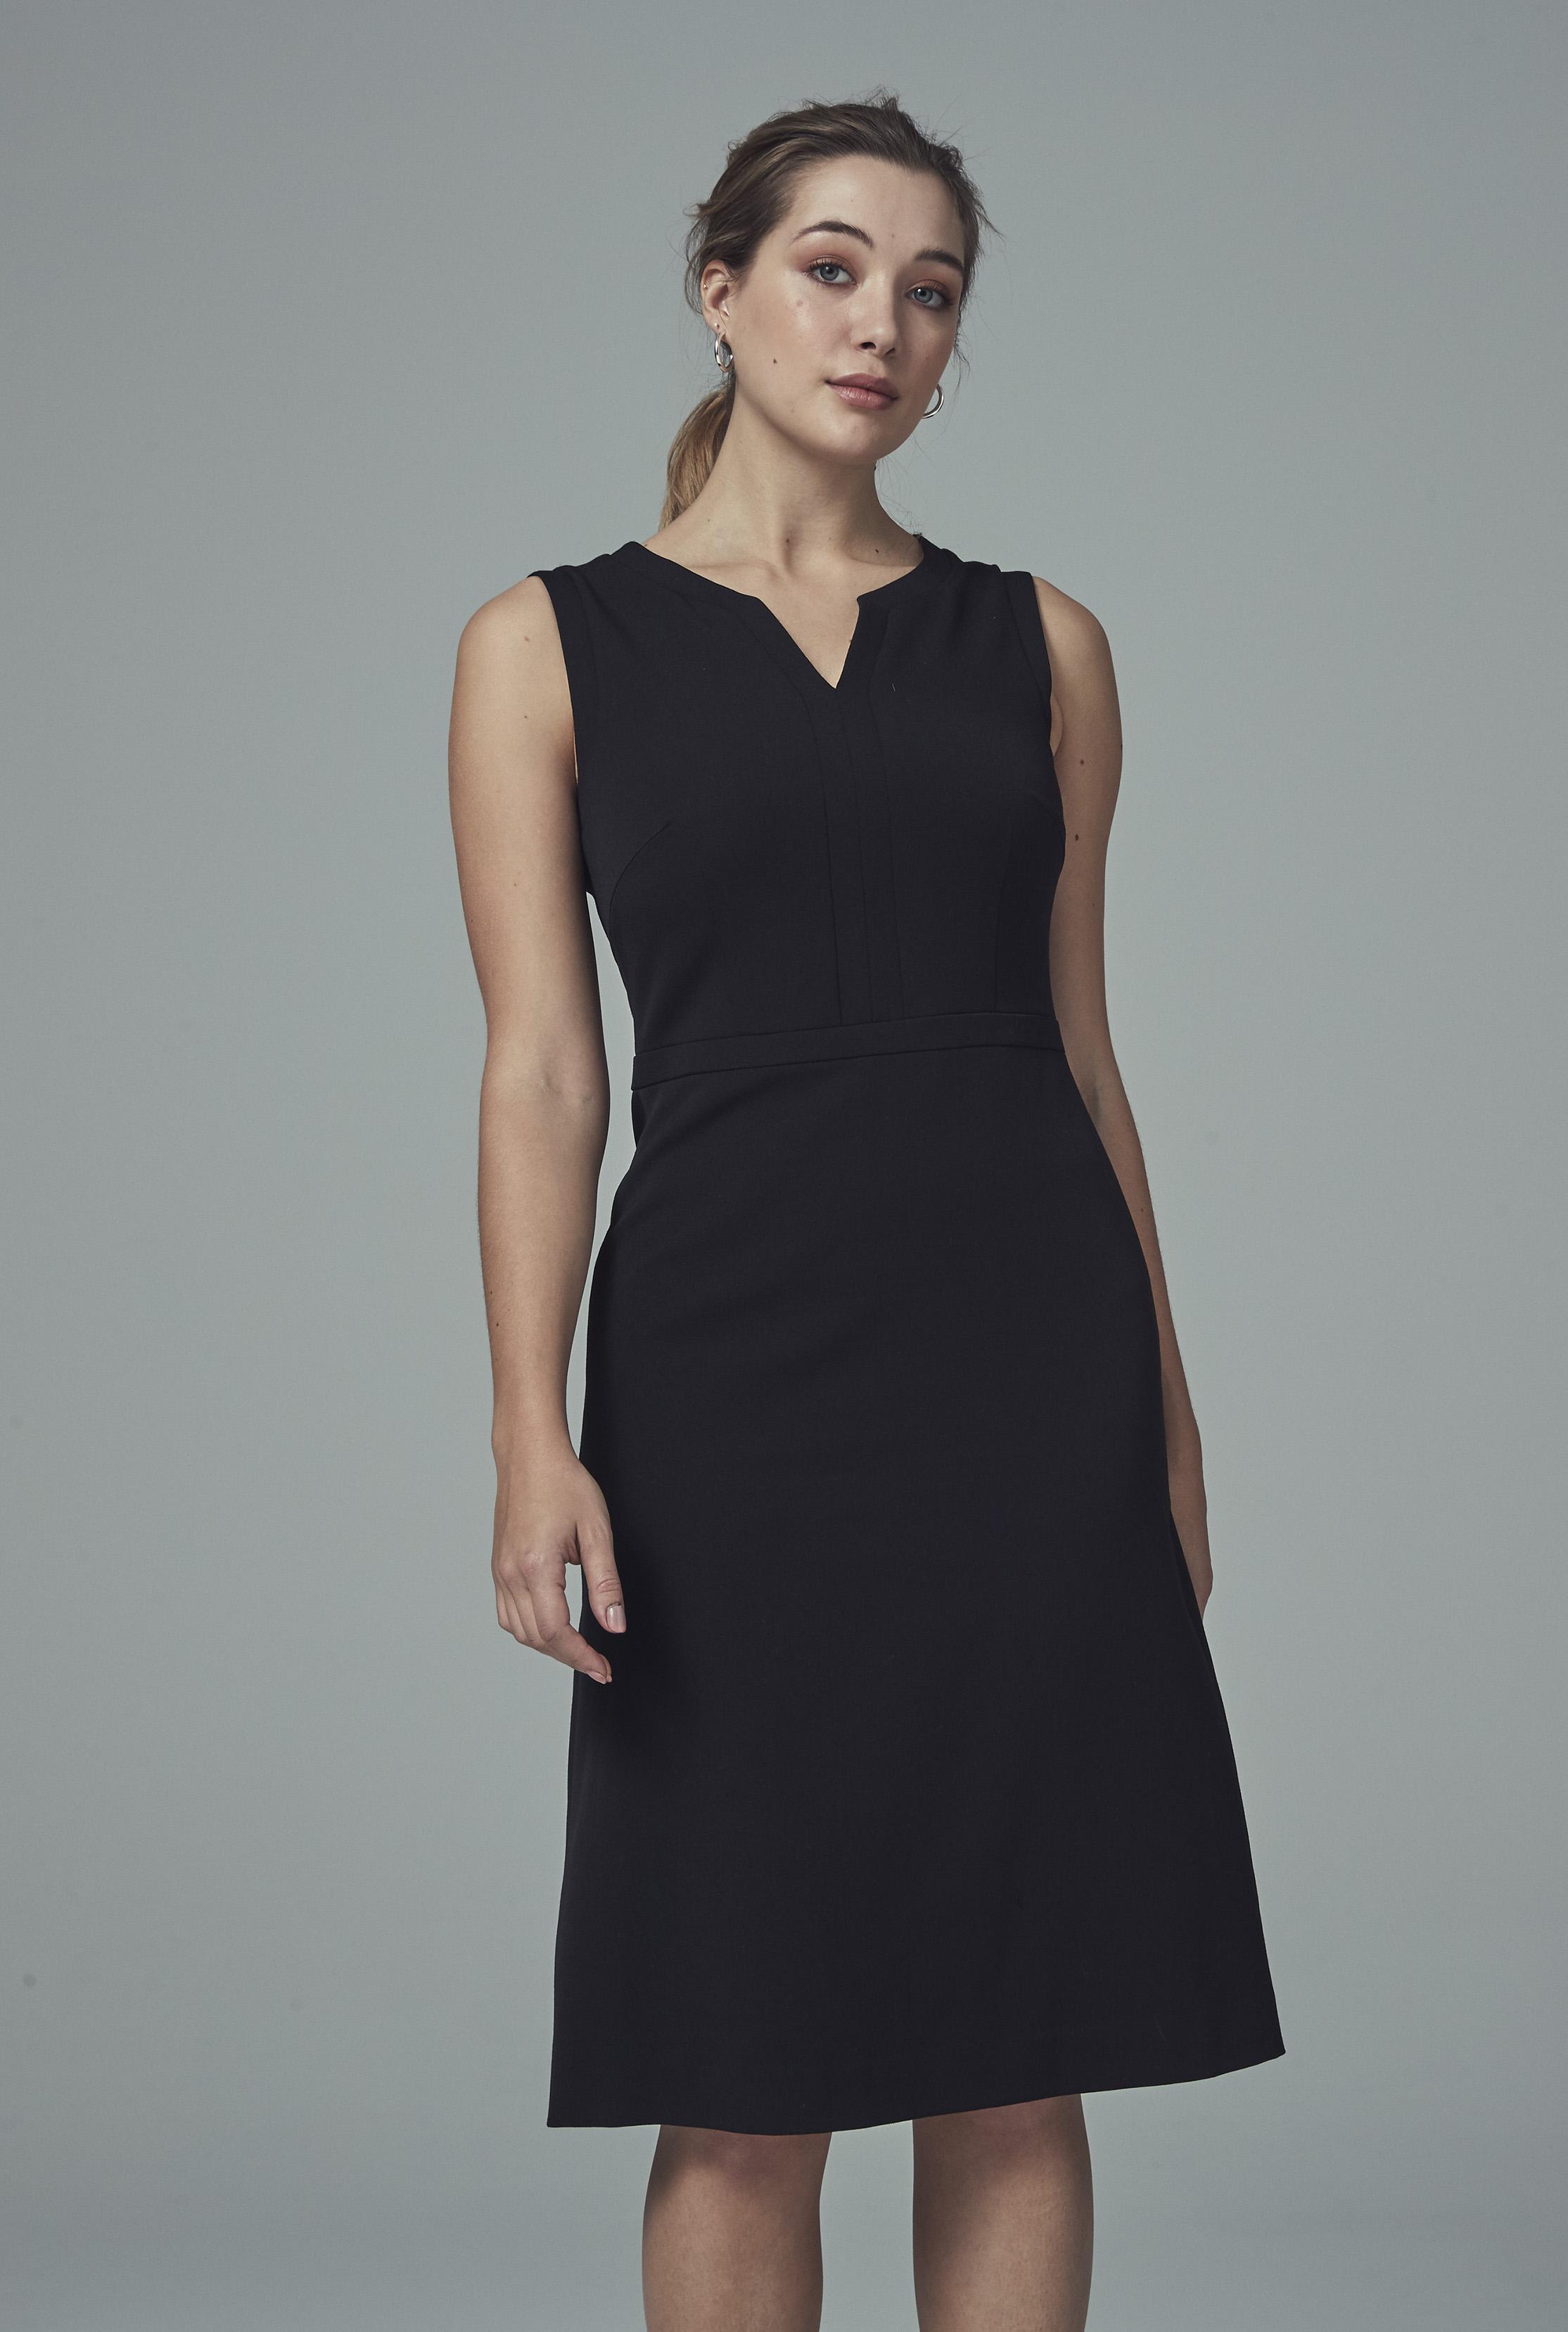 Black A-line Suit Dress